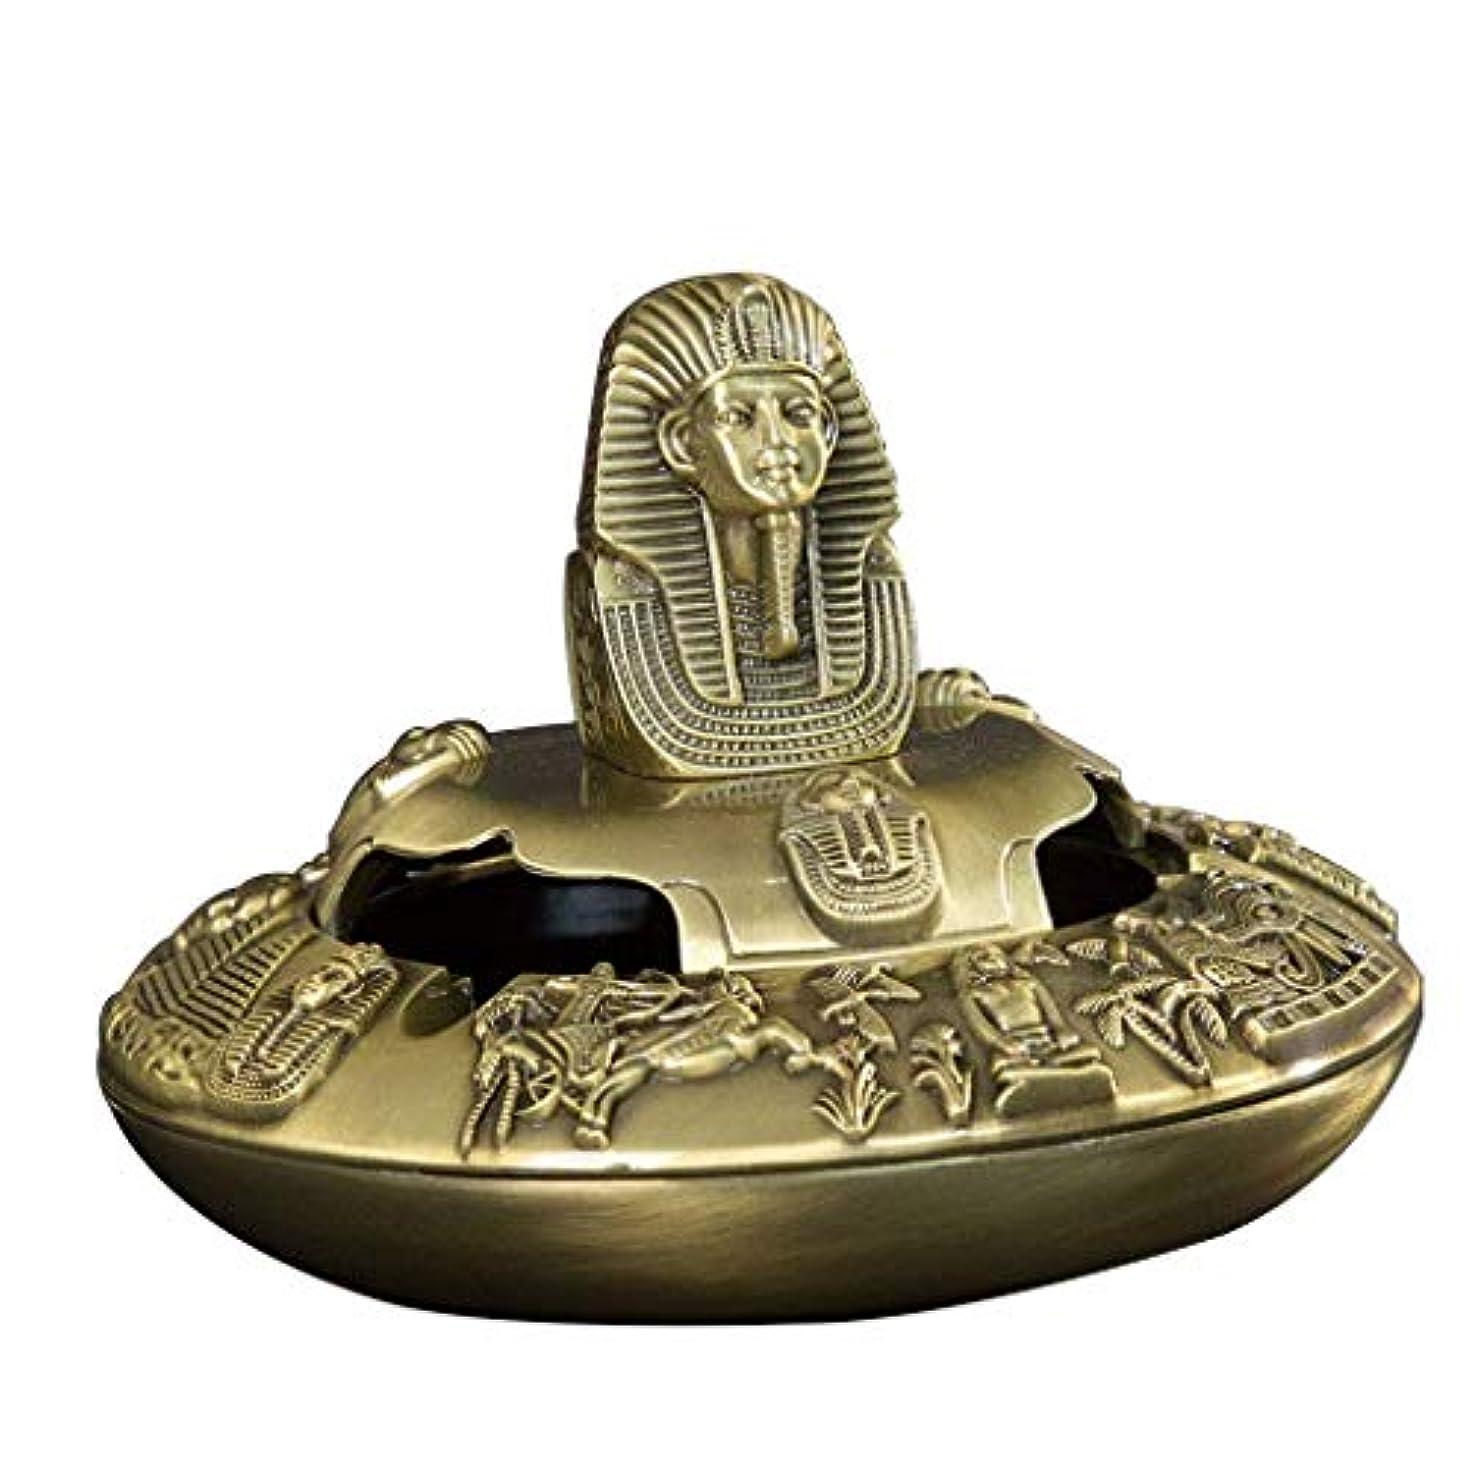 確率盆蓋付きのヴィンテージエジプトのファラオのタバコの灰皿携帯灰皿(ブロンズ)